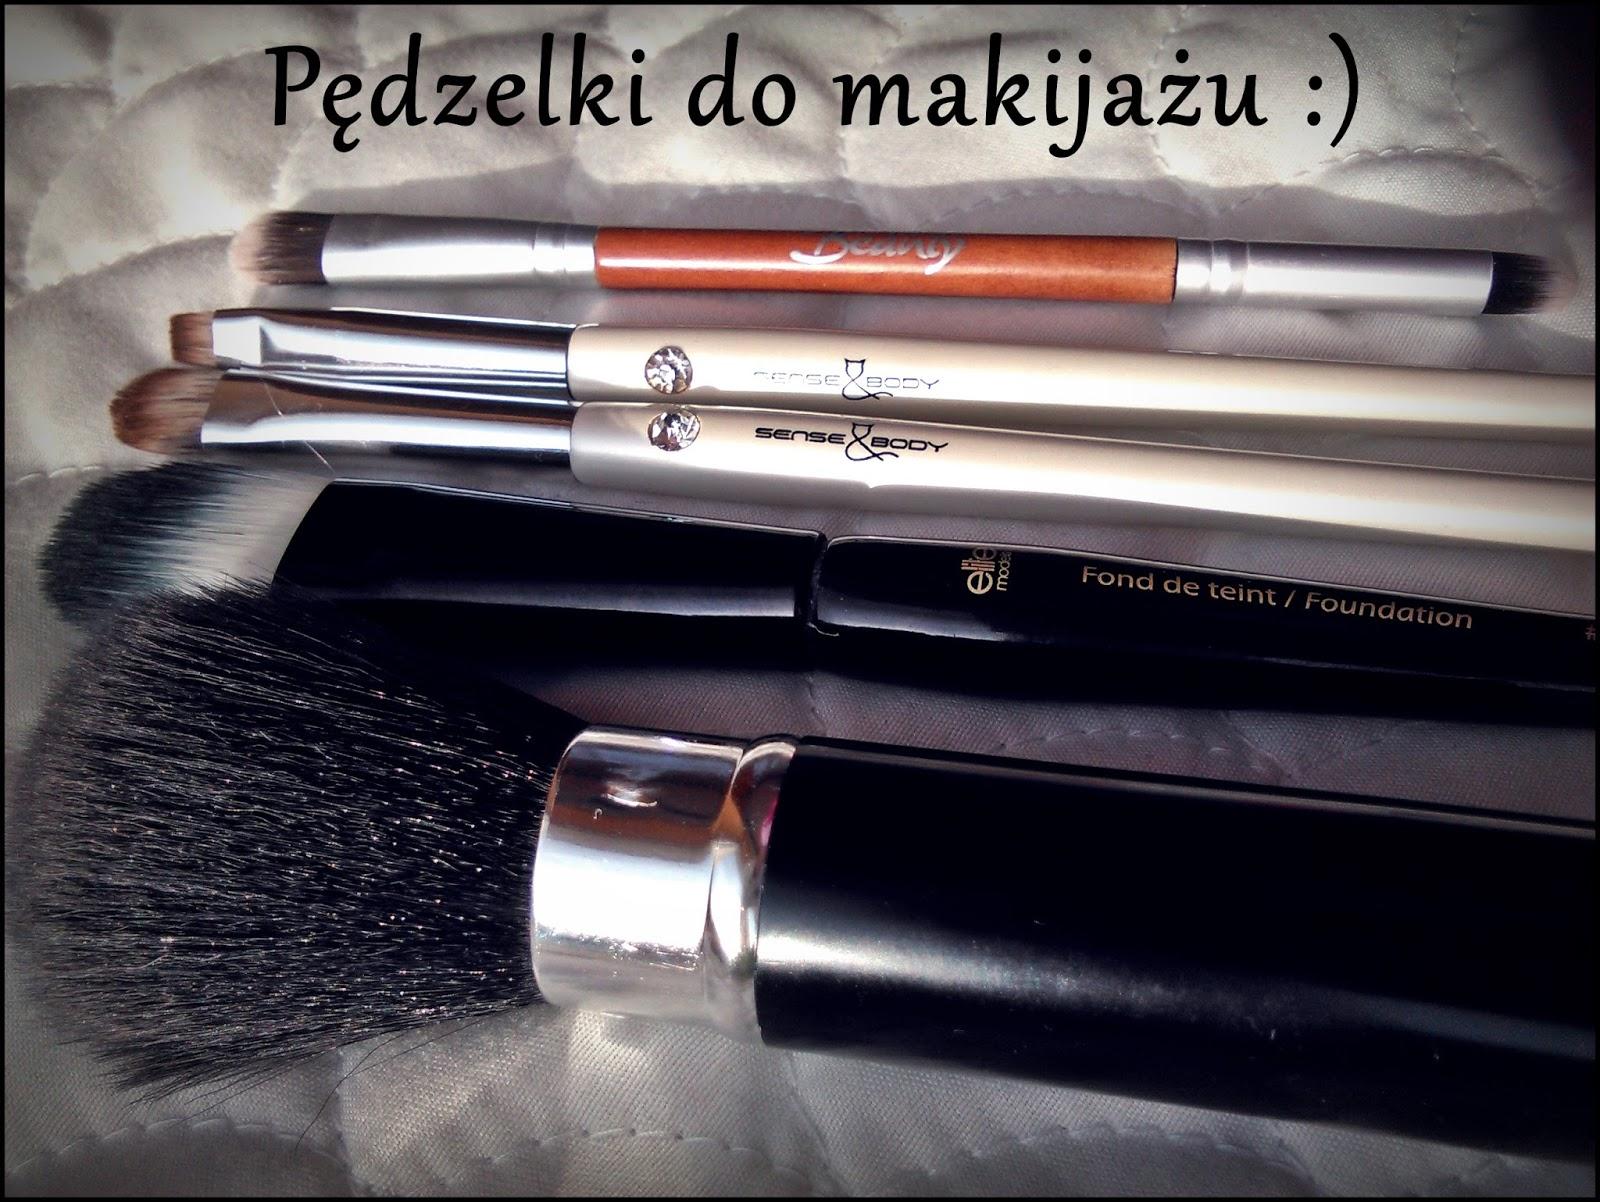 Pędzelki do makijażu - jakich używam?